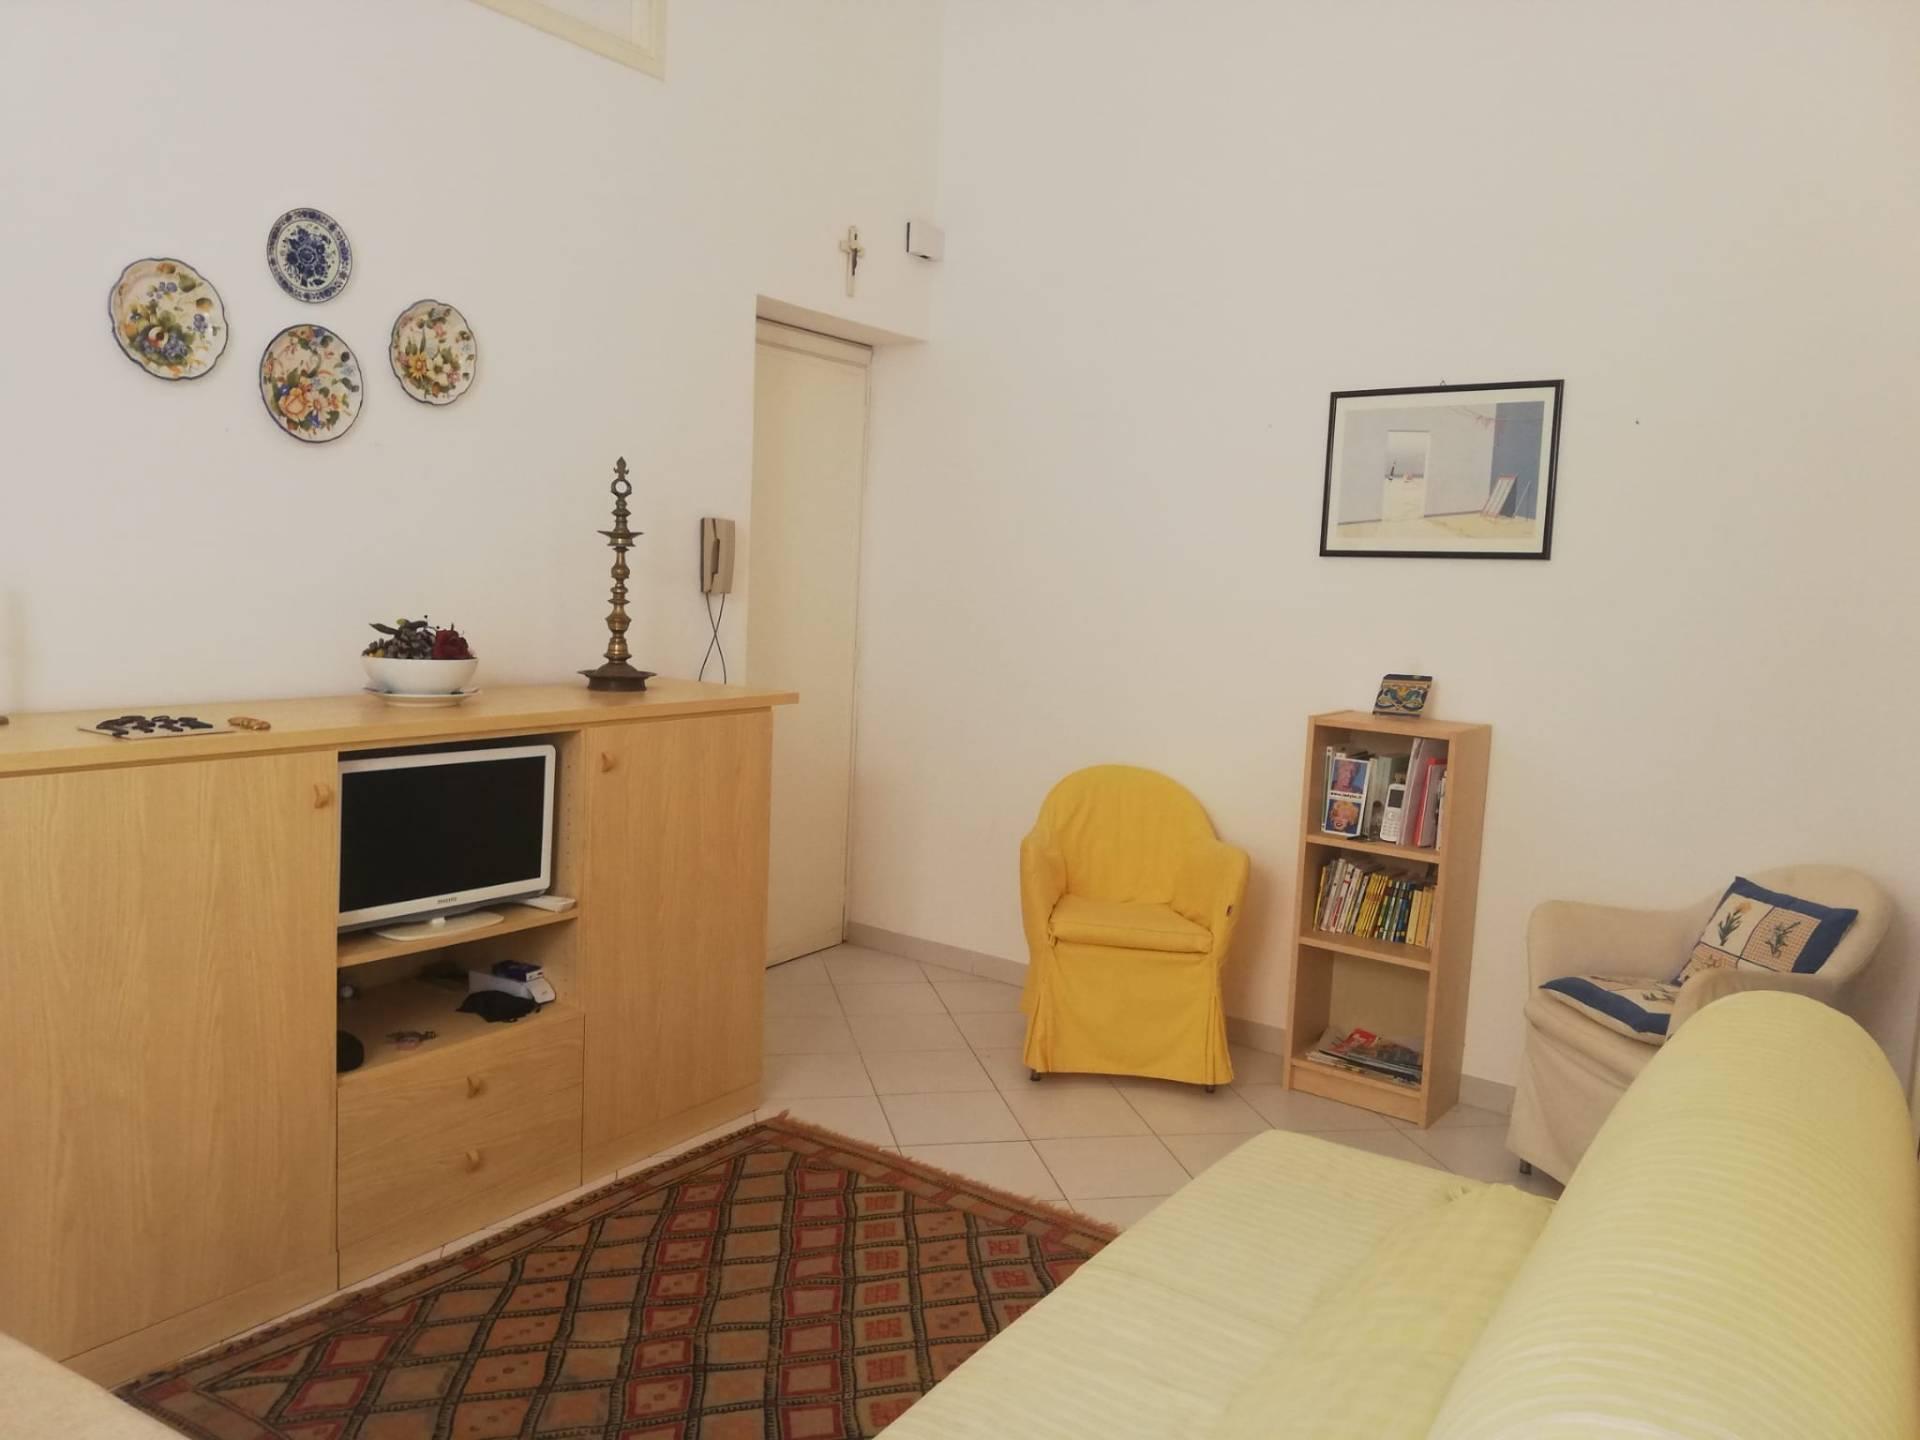 Appartamento in affitto a Alassio, 3 locali, prezzo € 700 | PortaleAgenzieImmobiliari.it